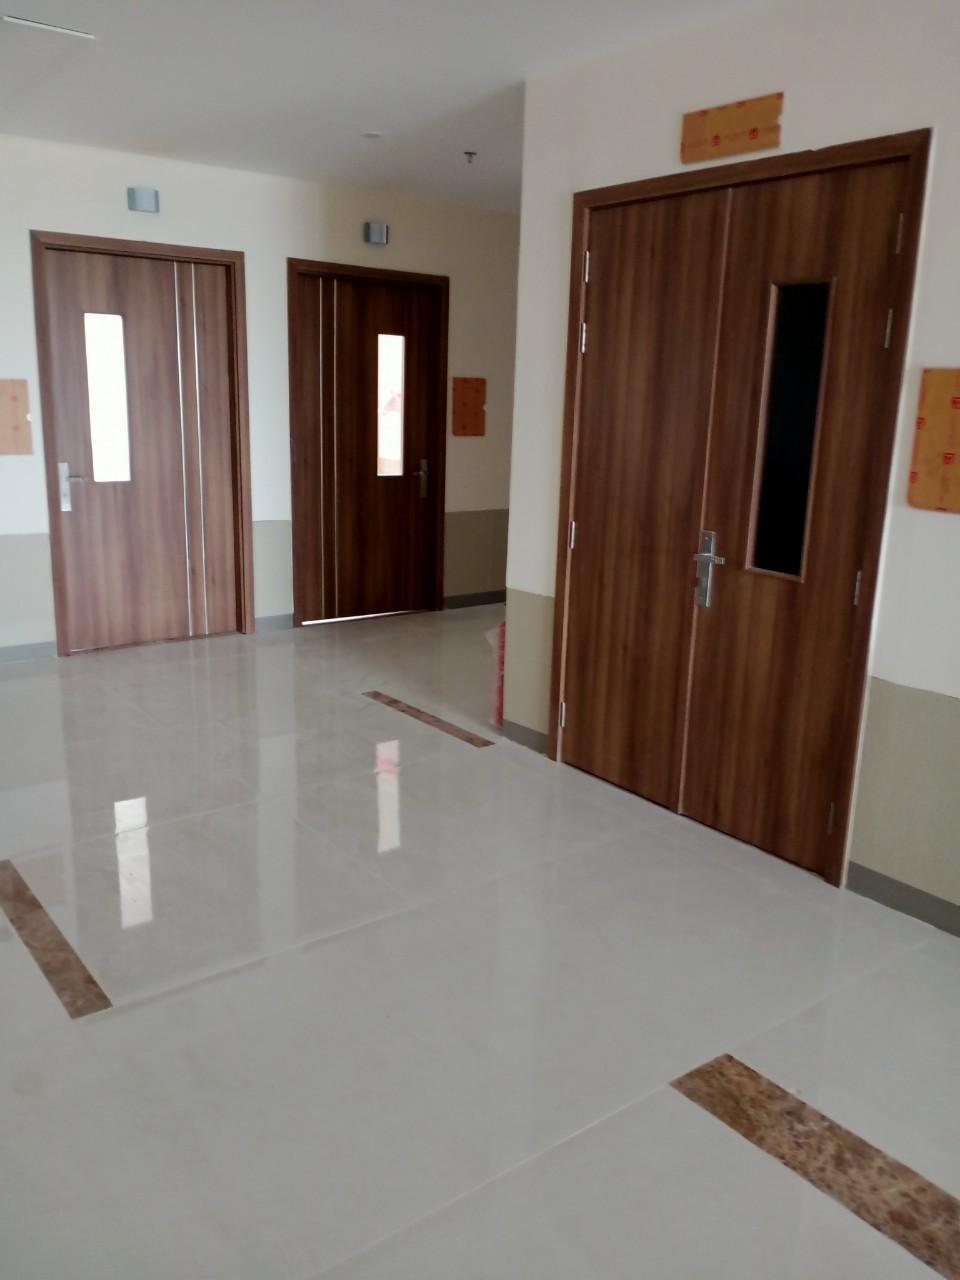 Cửa nhựa ABS Hàn Quốc phòng nội trú và phẫu thuật